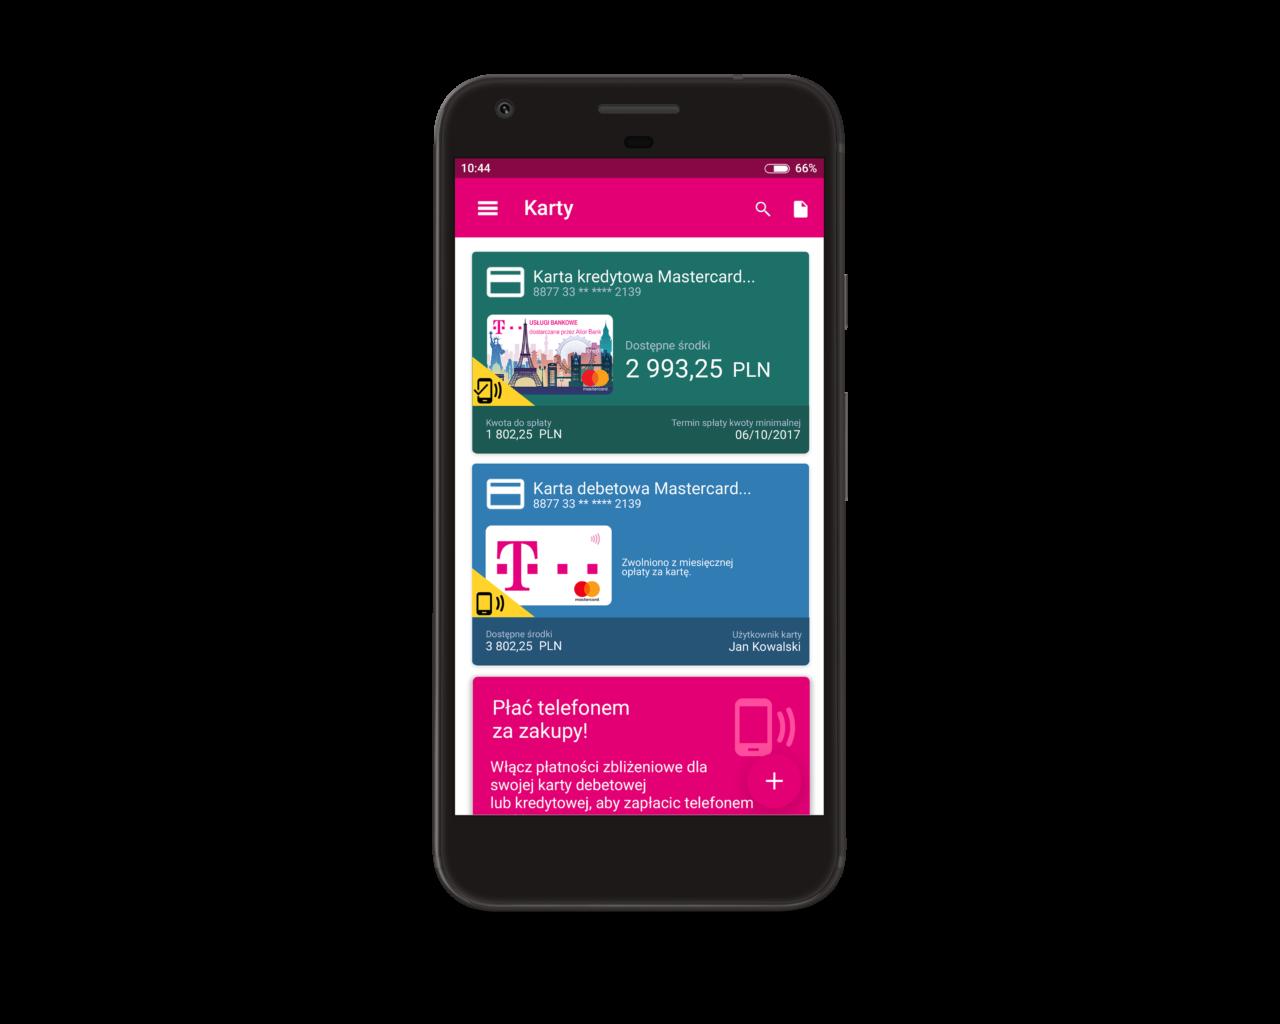 Platnosci Zblizeniowe W Aplikacji Mobilnej T Mobile Uslugi Bankowe